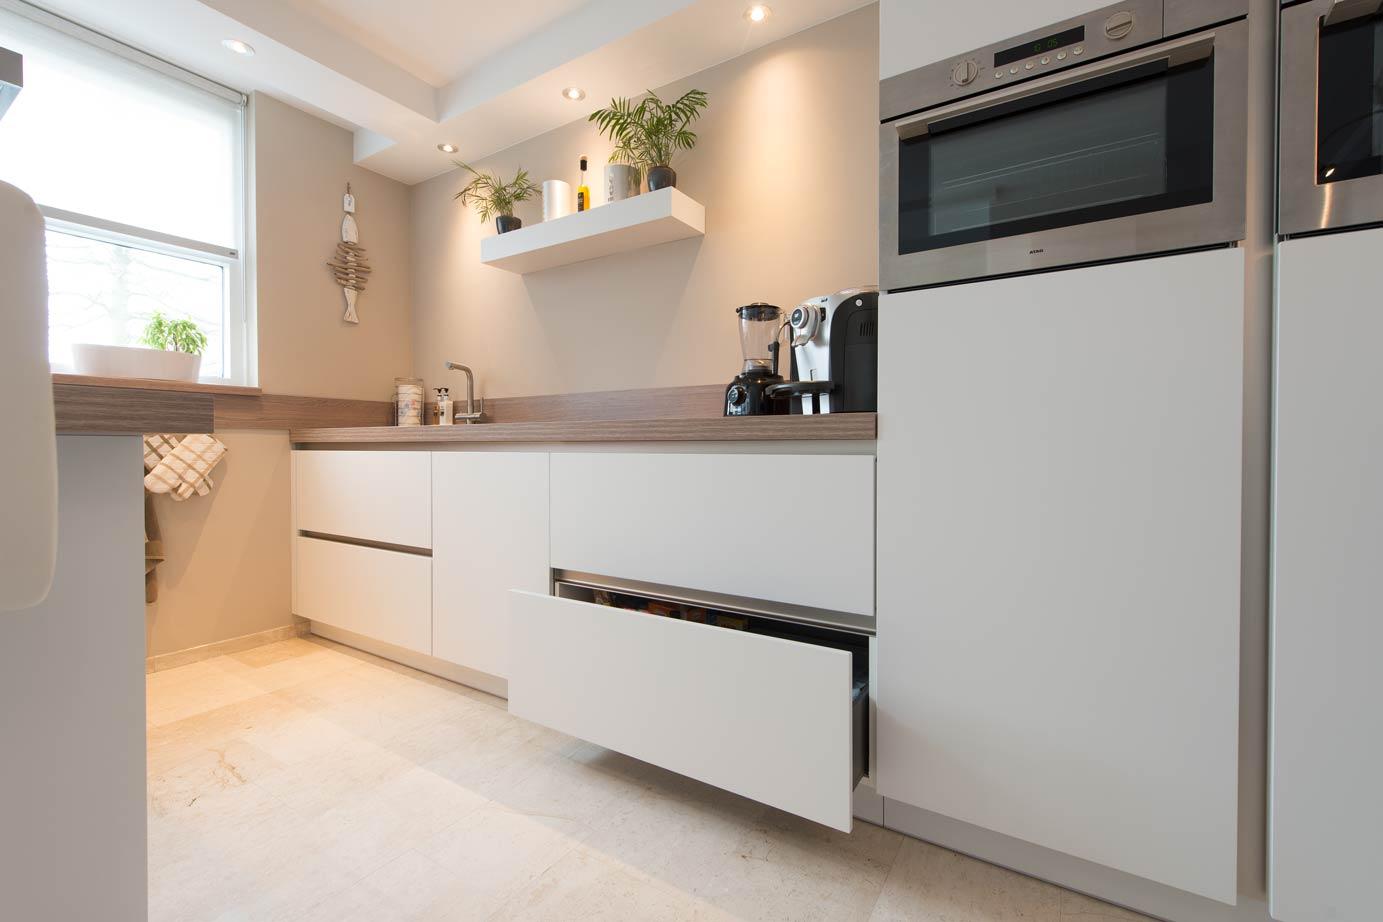 Keuken Zonder Apparatuur : Keuken ontwerpen informatie die u vooraf moet weten db keukens